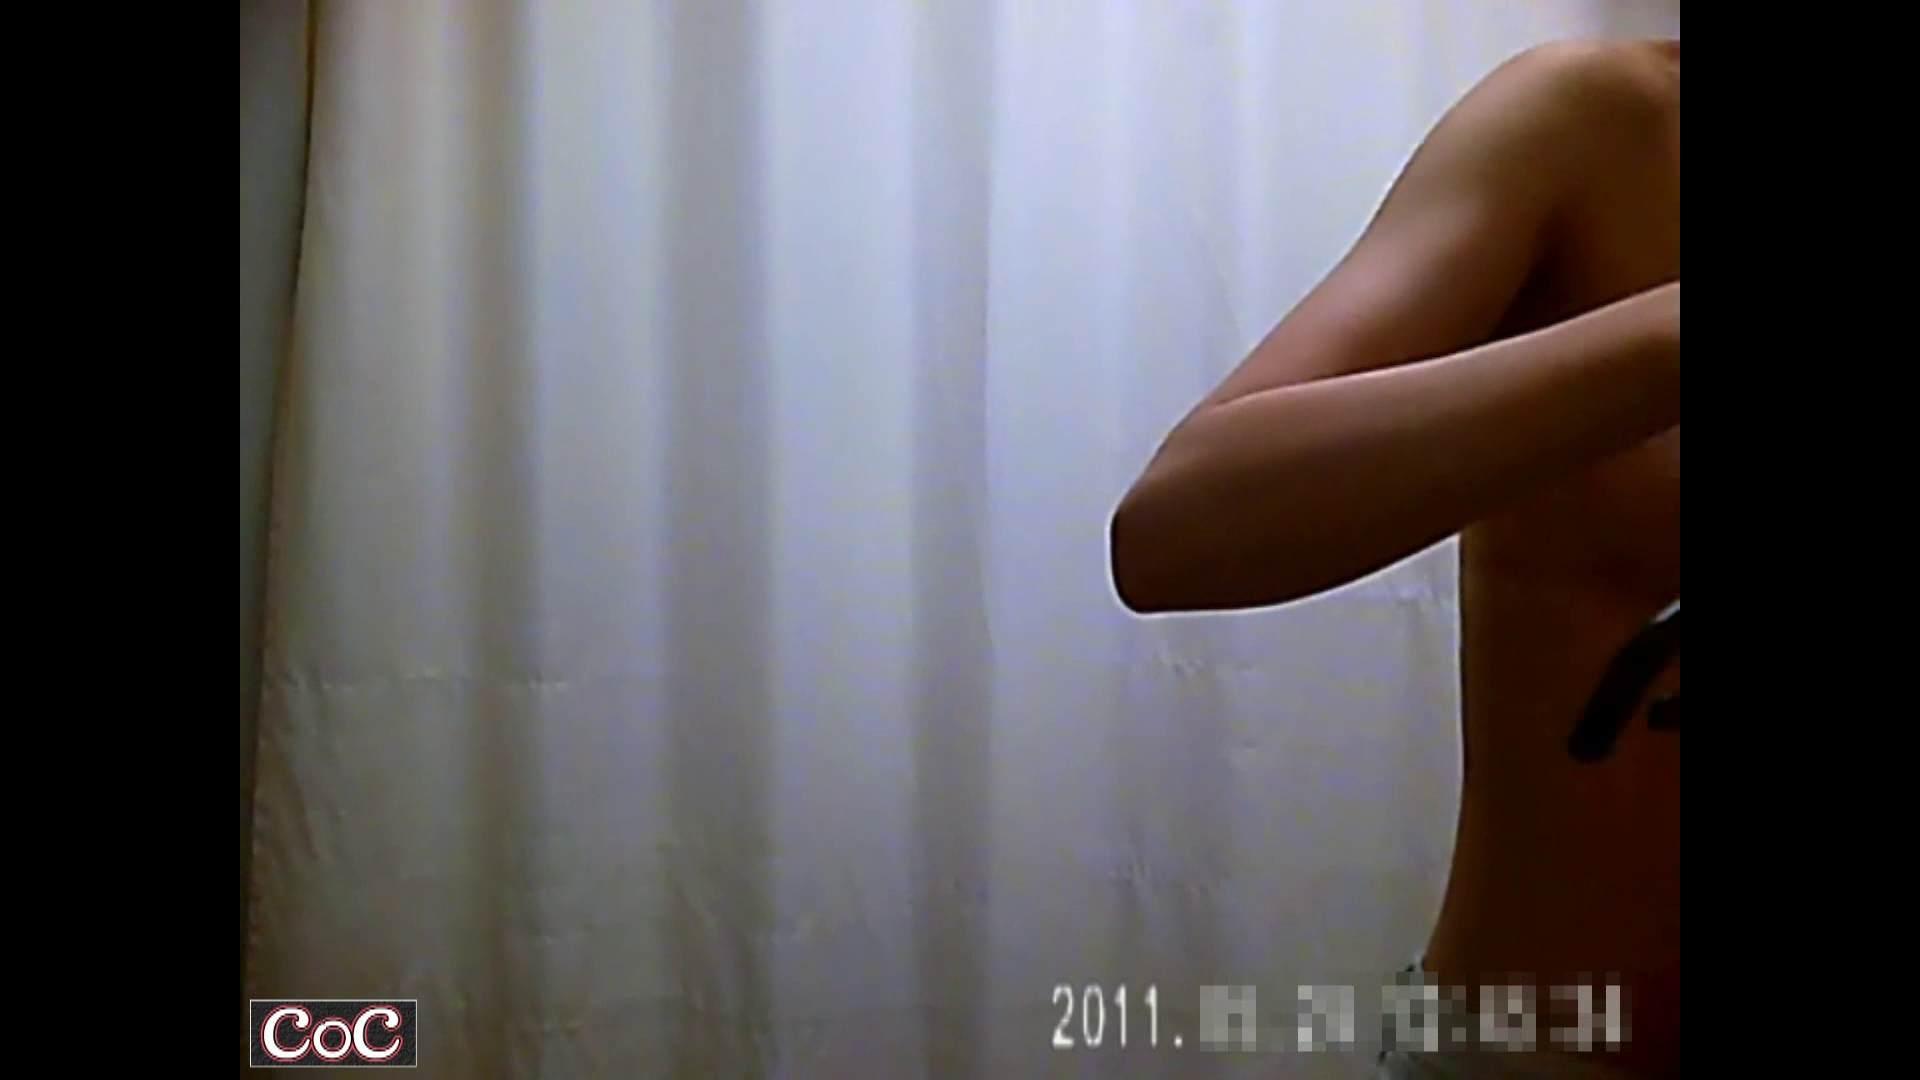 無修正おまんこ動画|元医者による反抗 更衣室地獄絵巻 vol.283|怪盗ジョーカー